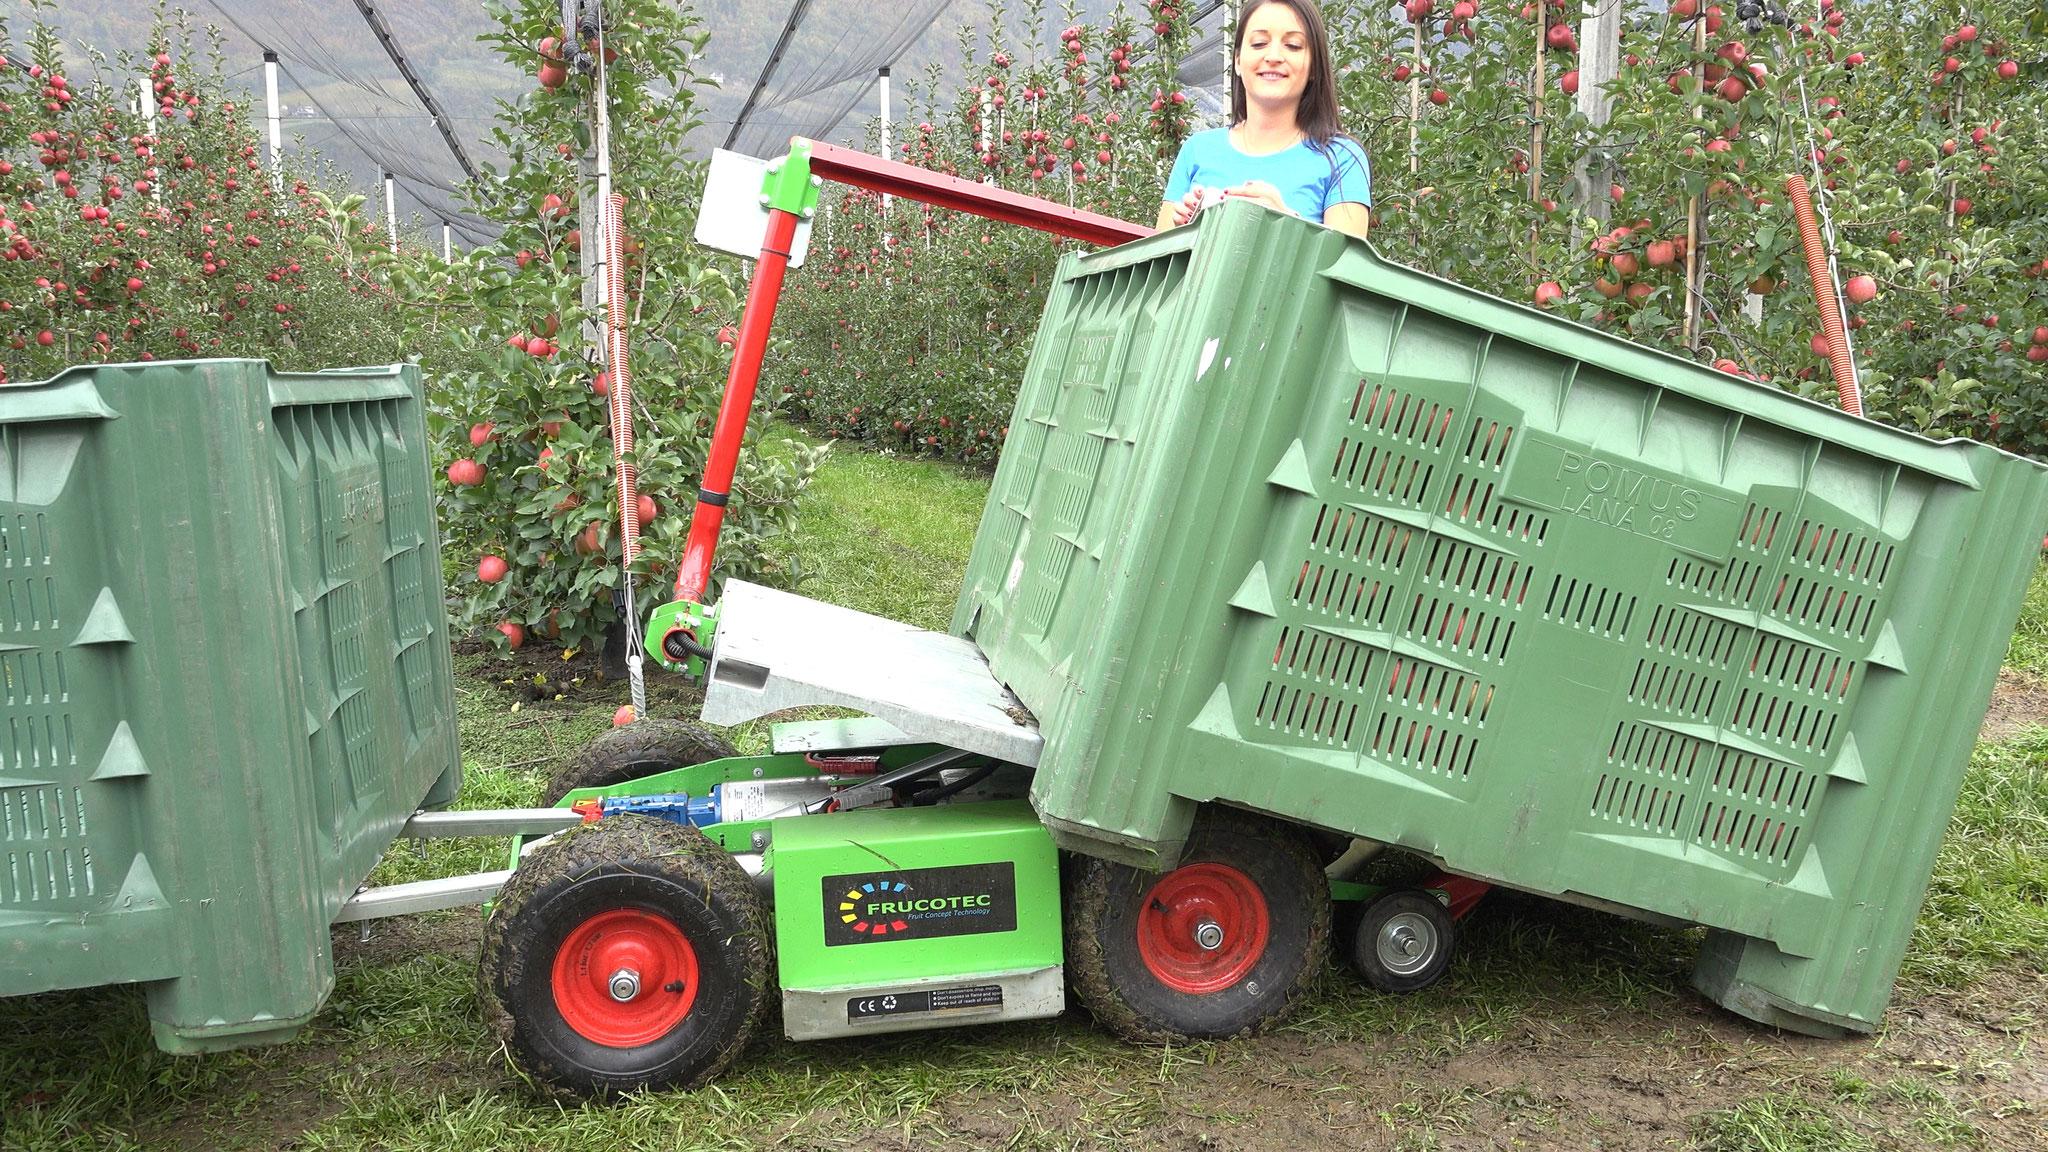 Abladen der Kiste: Frucotec Erntewagen